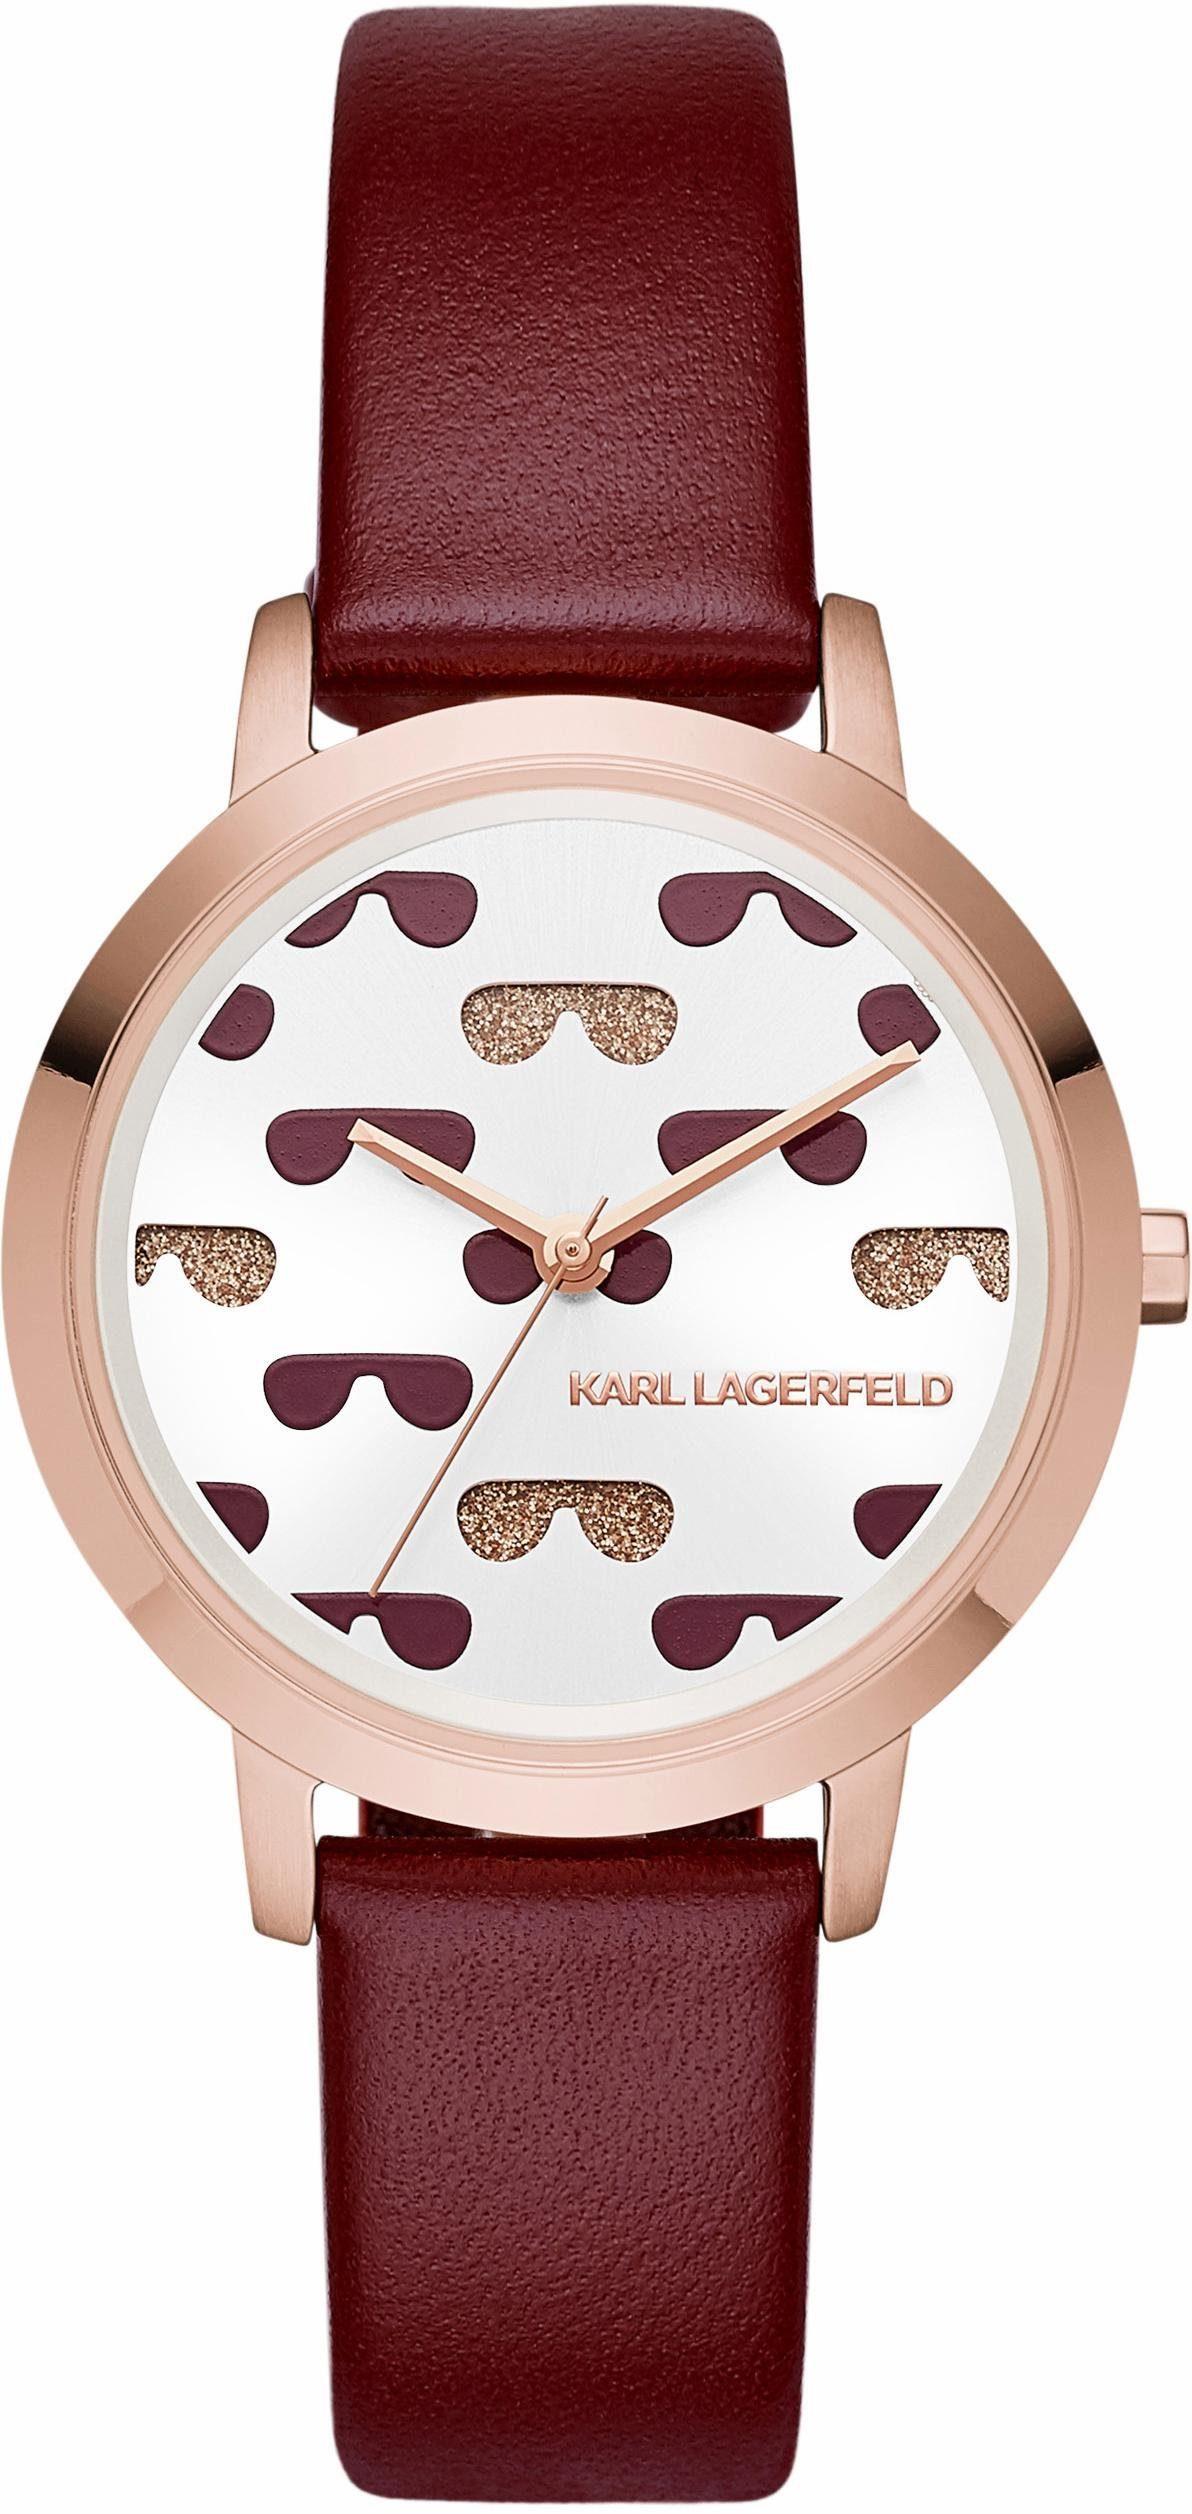 KARL LAGERFELD Quarzuhr »CAMILLE, KL2230«